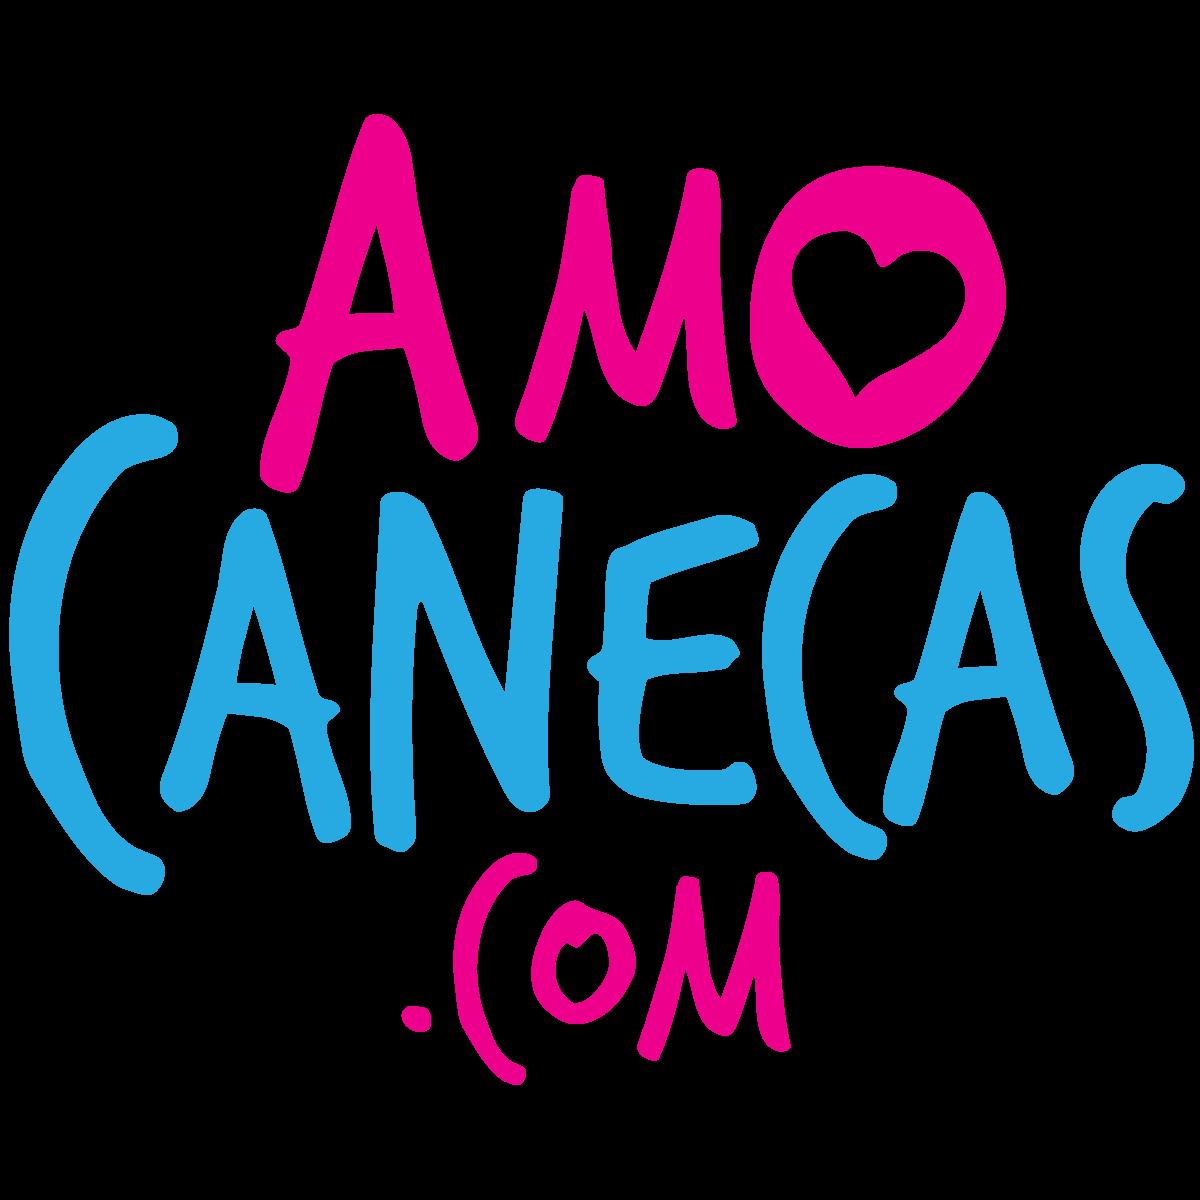 Loja Amo Canecas